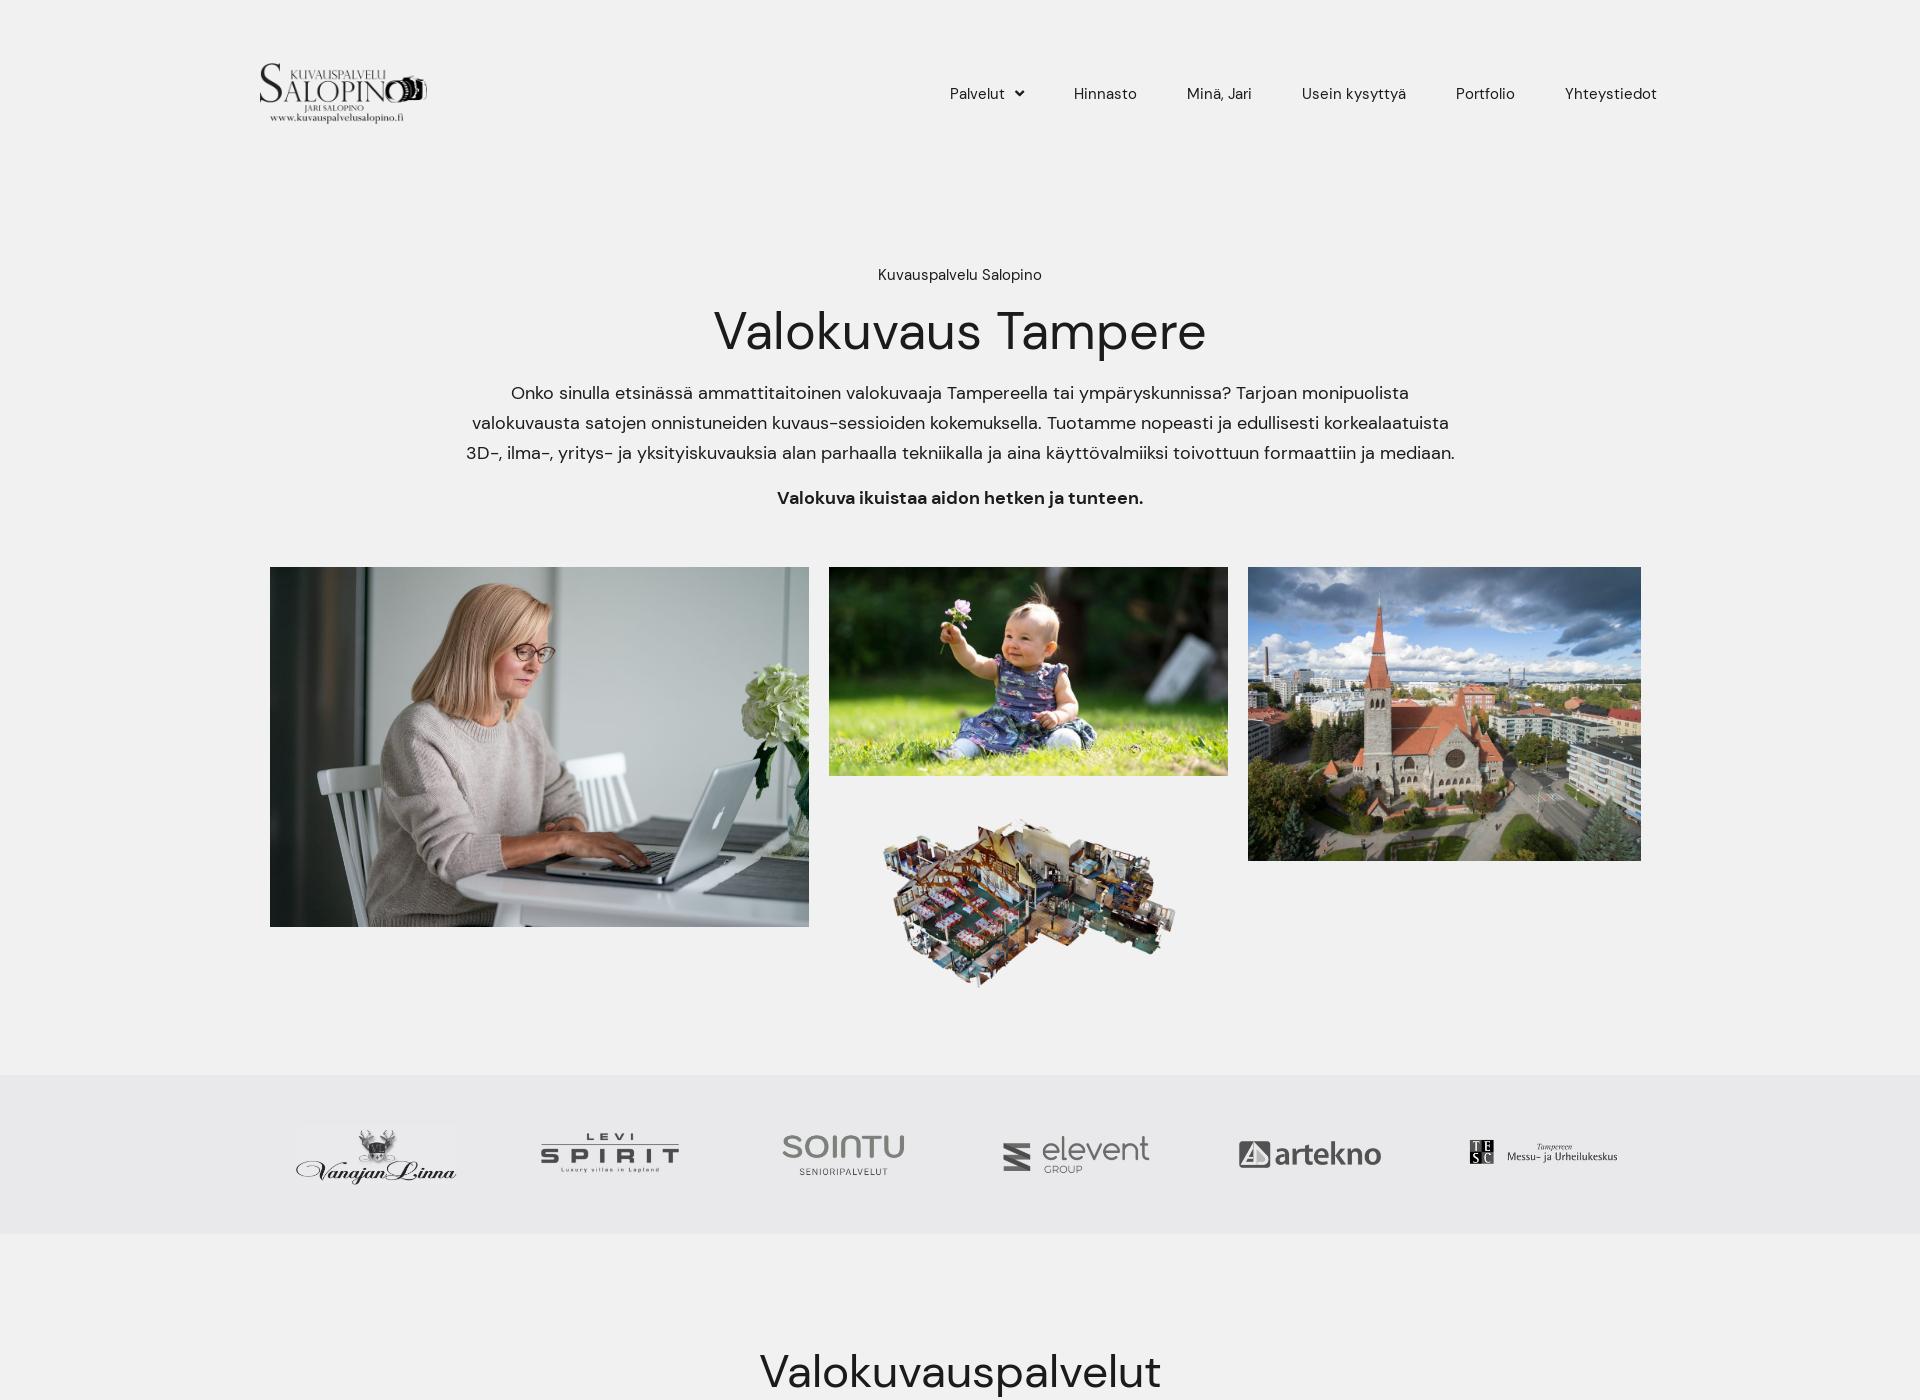 Screenshot for kuvauspalvelusalopino.fi